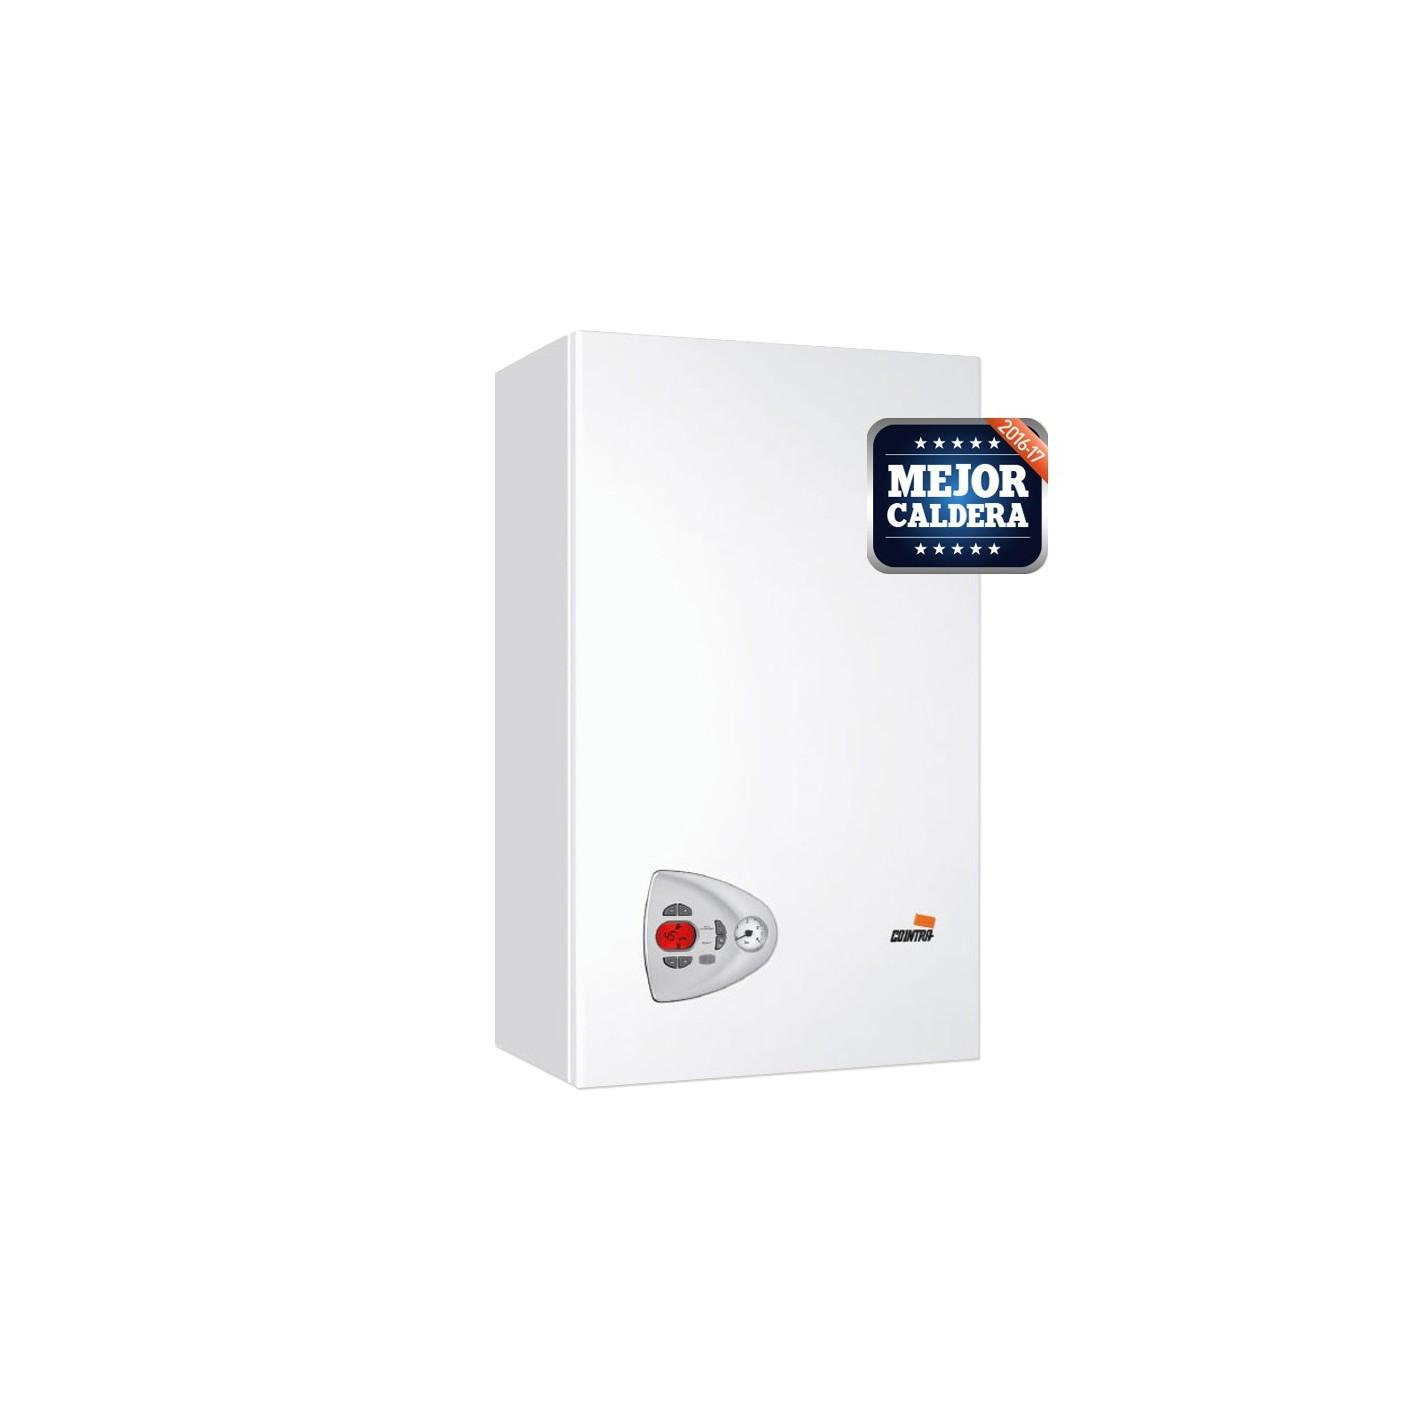 Caldera cointra superlative condens 25 compra online - Cual es la mejor caldera de condensacion ...